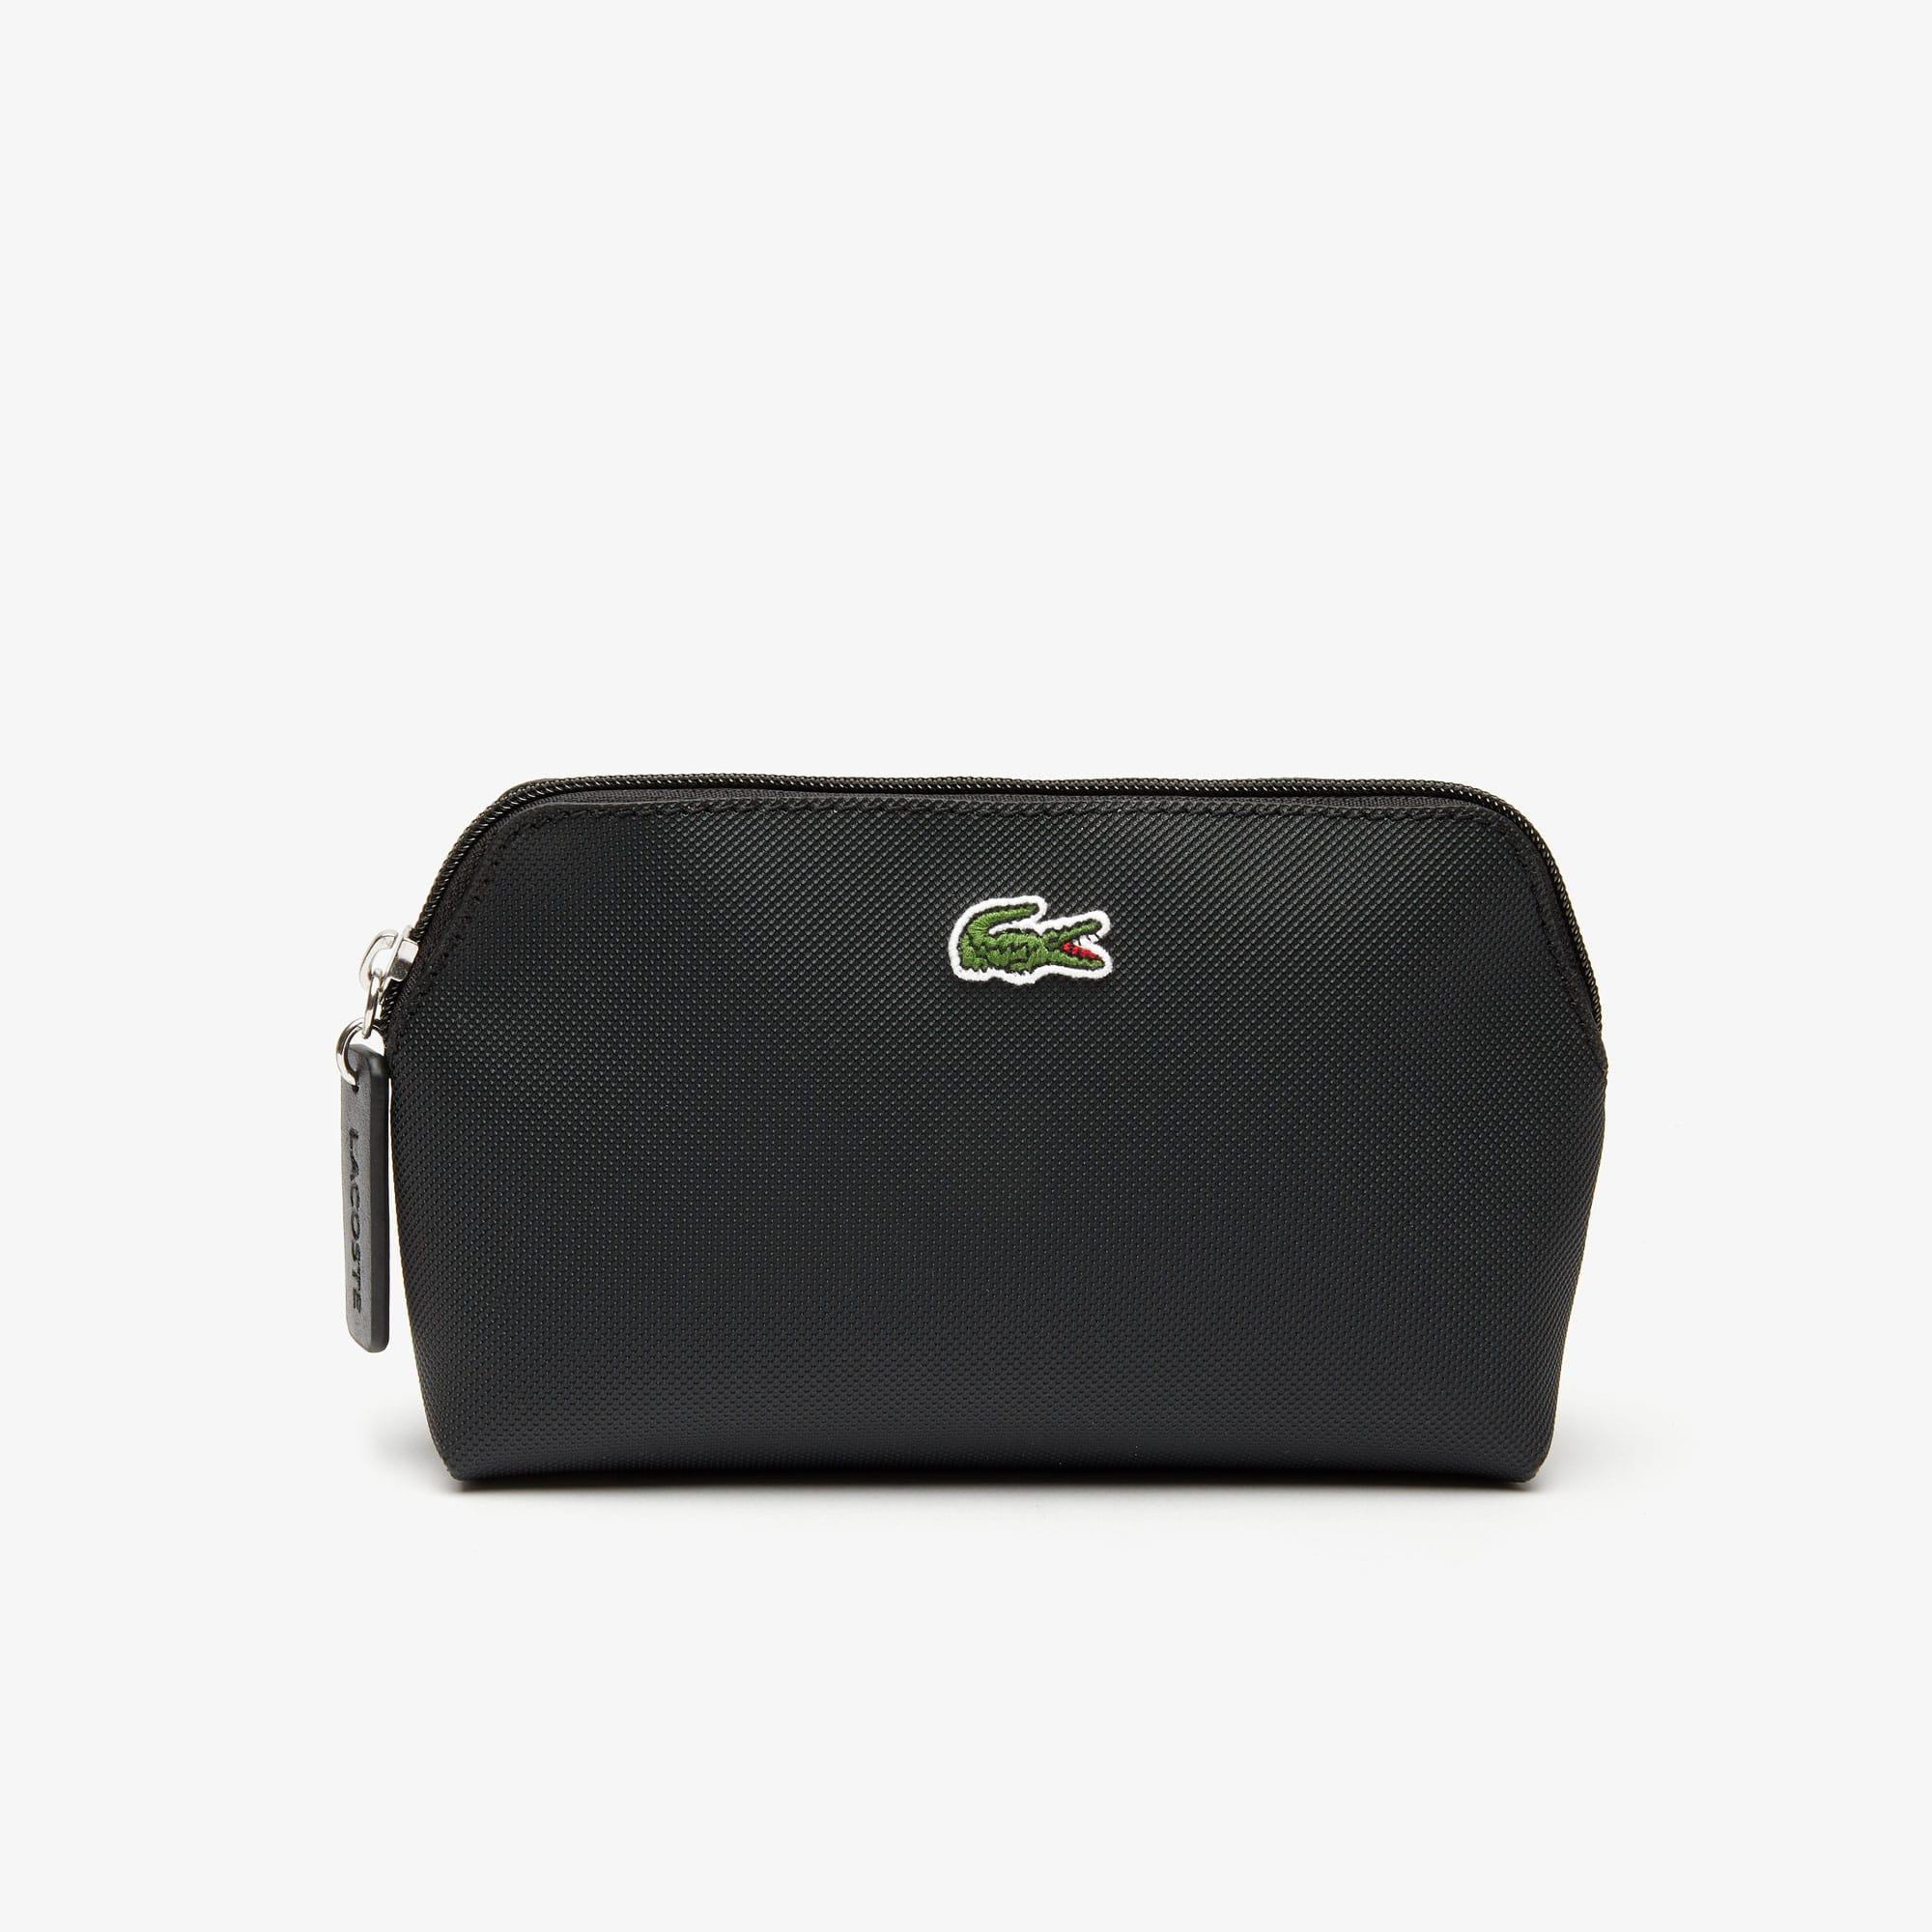 wholesale dealer e94cf cfb0c Polos, Kleidung und Lederwaren Online | LACOSTE